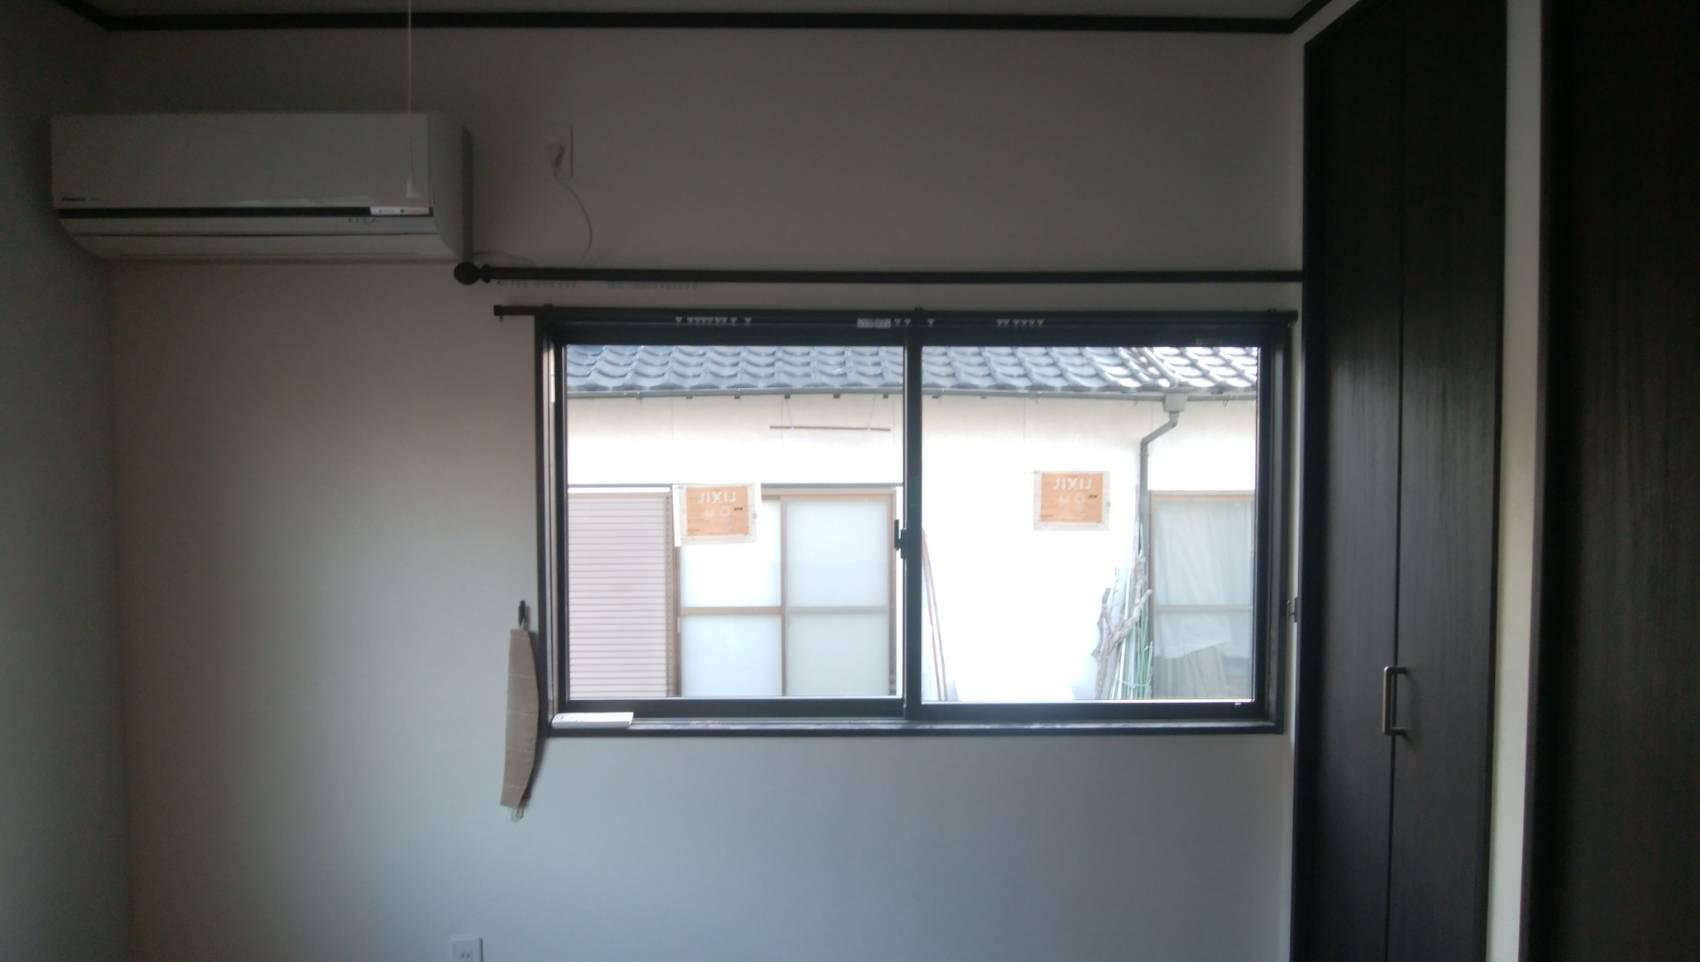 ギャラリーパティオの和室⇒洋室 リフォーム 窓編の施工事例写真